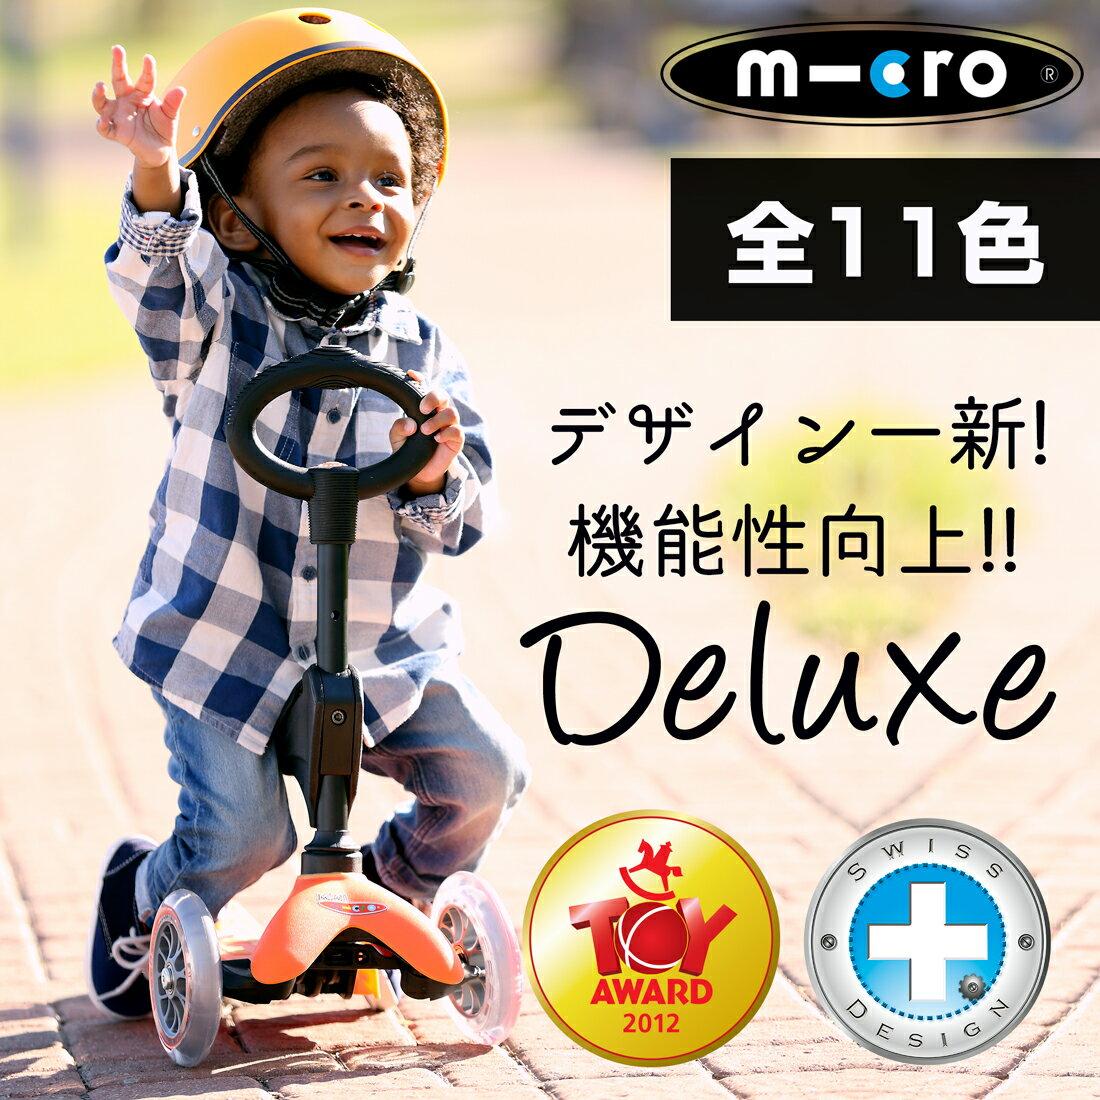 【ポイント10倍|22日午前10時迄】マイクロ・キックスリー・デラックス【乗物玩具】【キックボード】18ヶ月から5歳|スイスデザイン|送料無料|正規品|メーカー2年保証|キックボード|キックスクーター|子供の成長に合わせて3つのステップで遊べる!